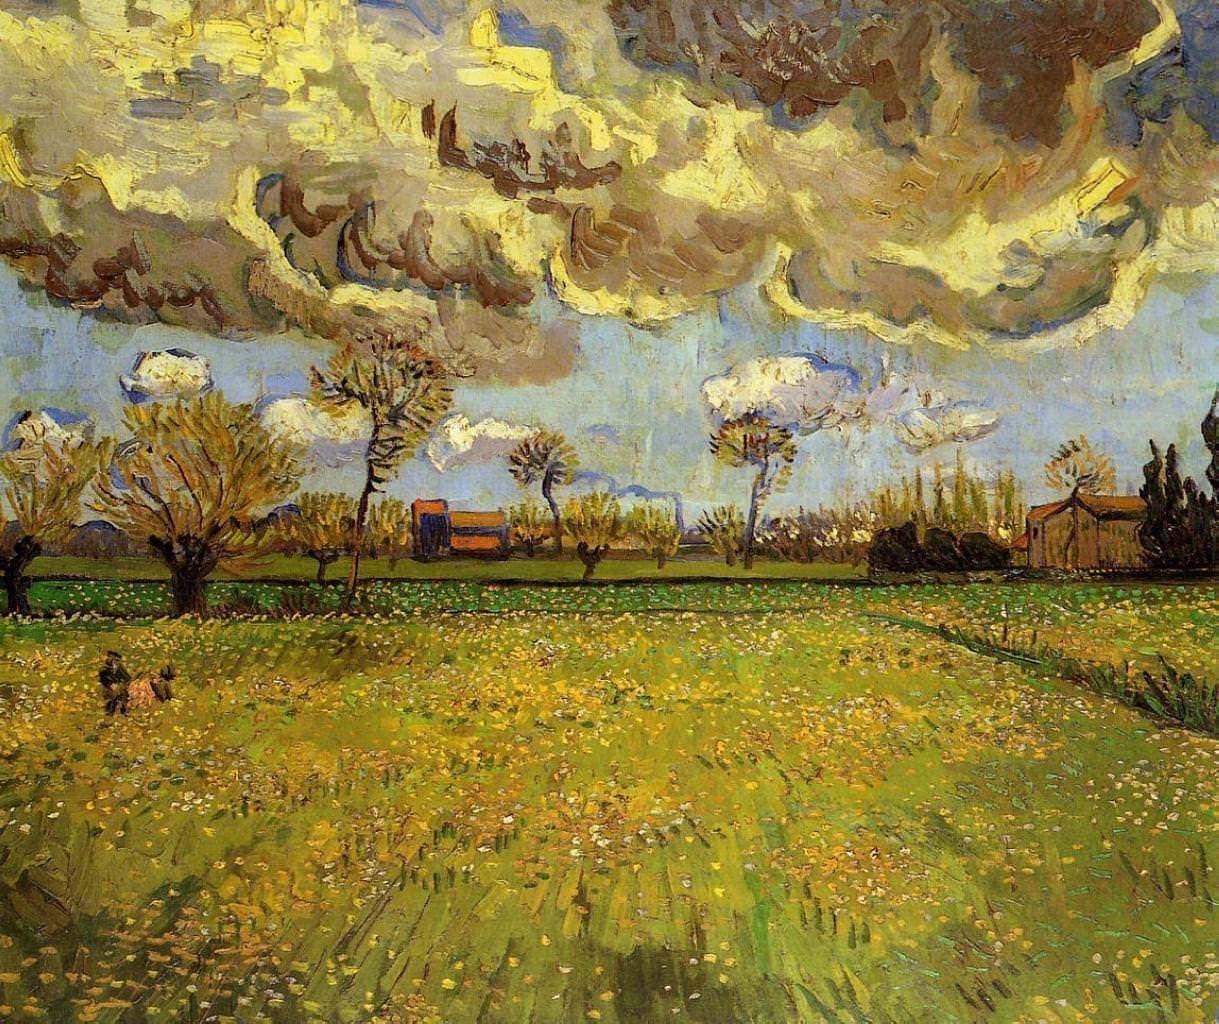 Пейзаж под грозовым небом [ картина - пейзаж ] :: Ван Гог, описание картины - Van Gogh фото